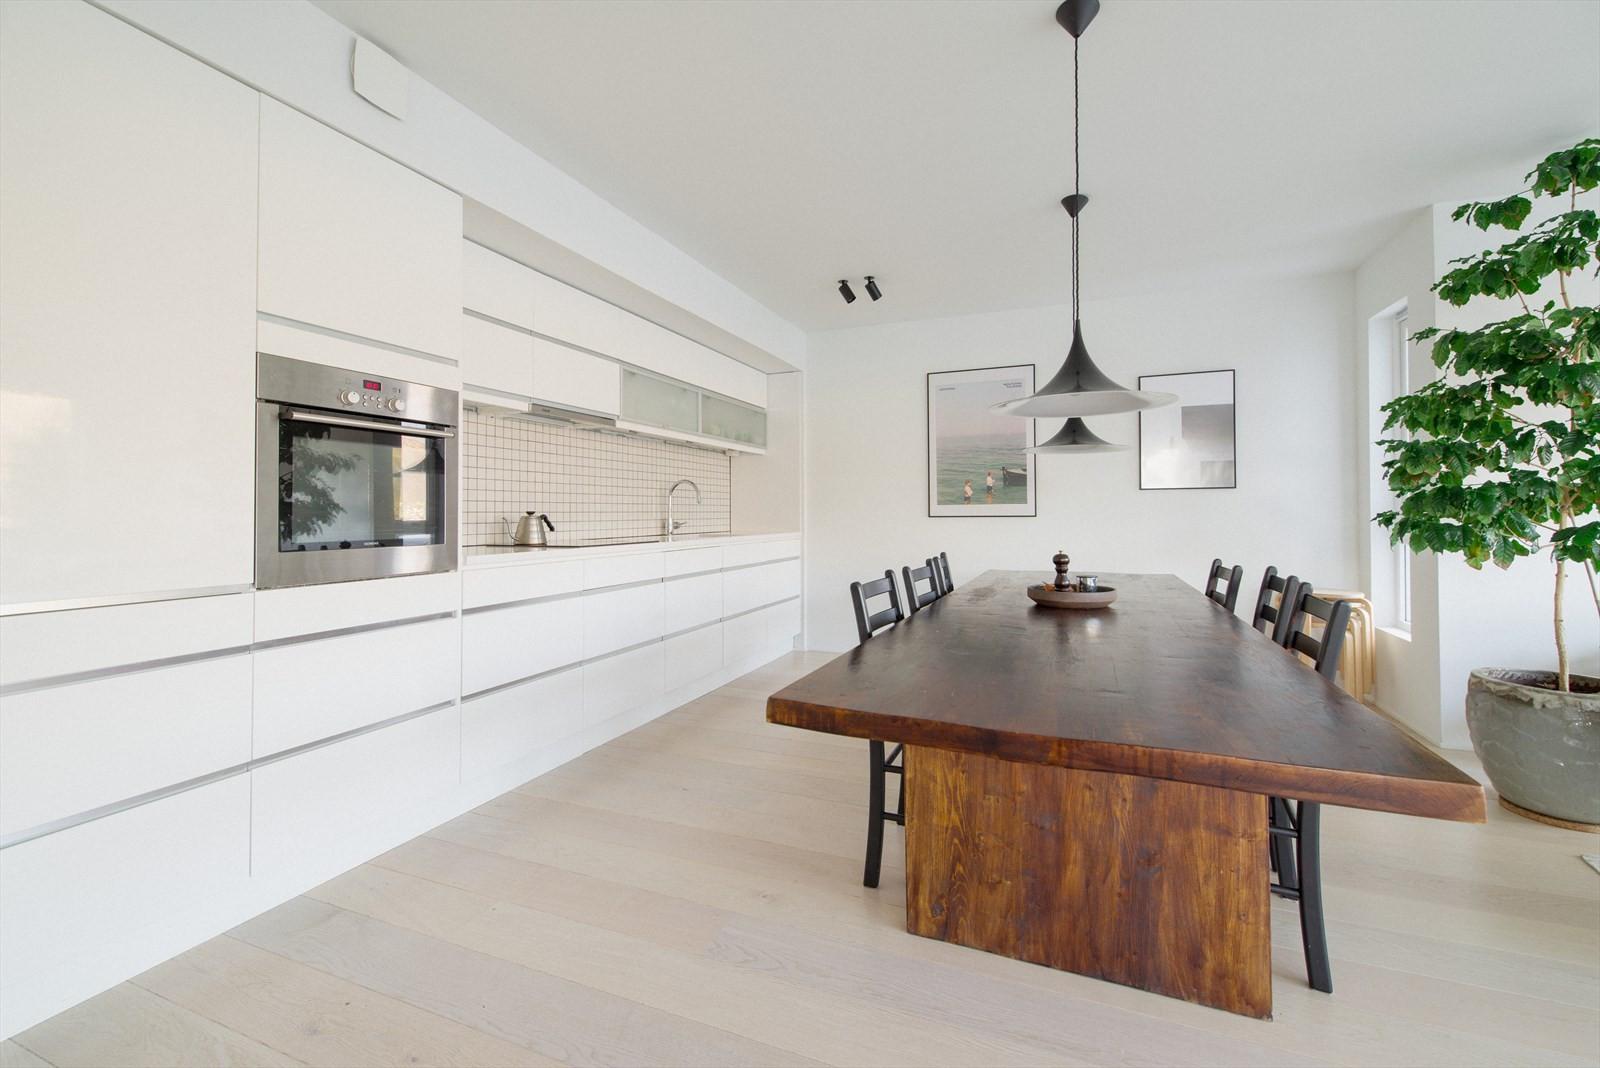 Moderne og pen innredning med skjulte gripelister og fliser over kjøkkenbenk